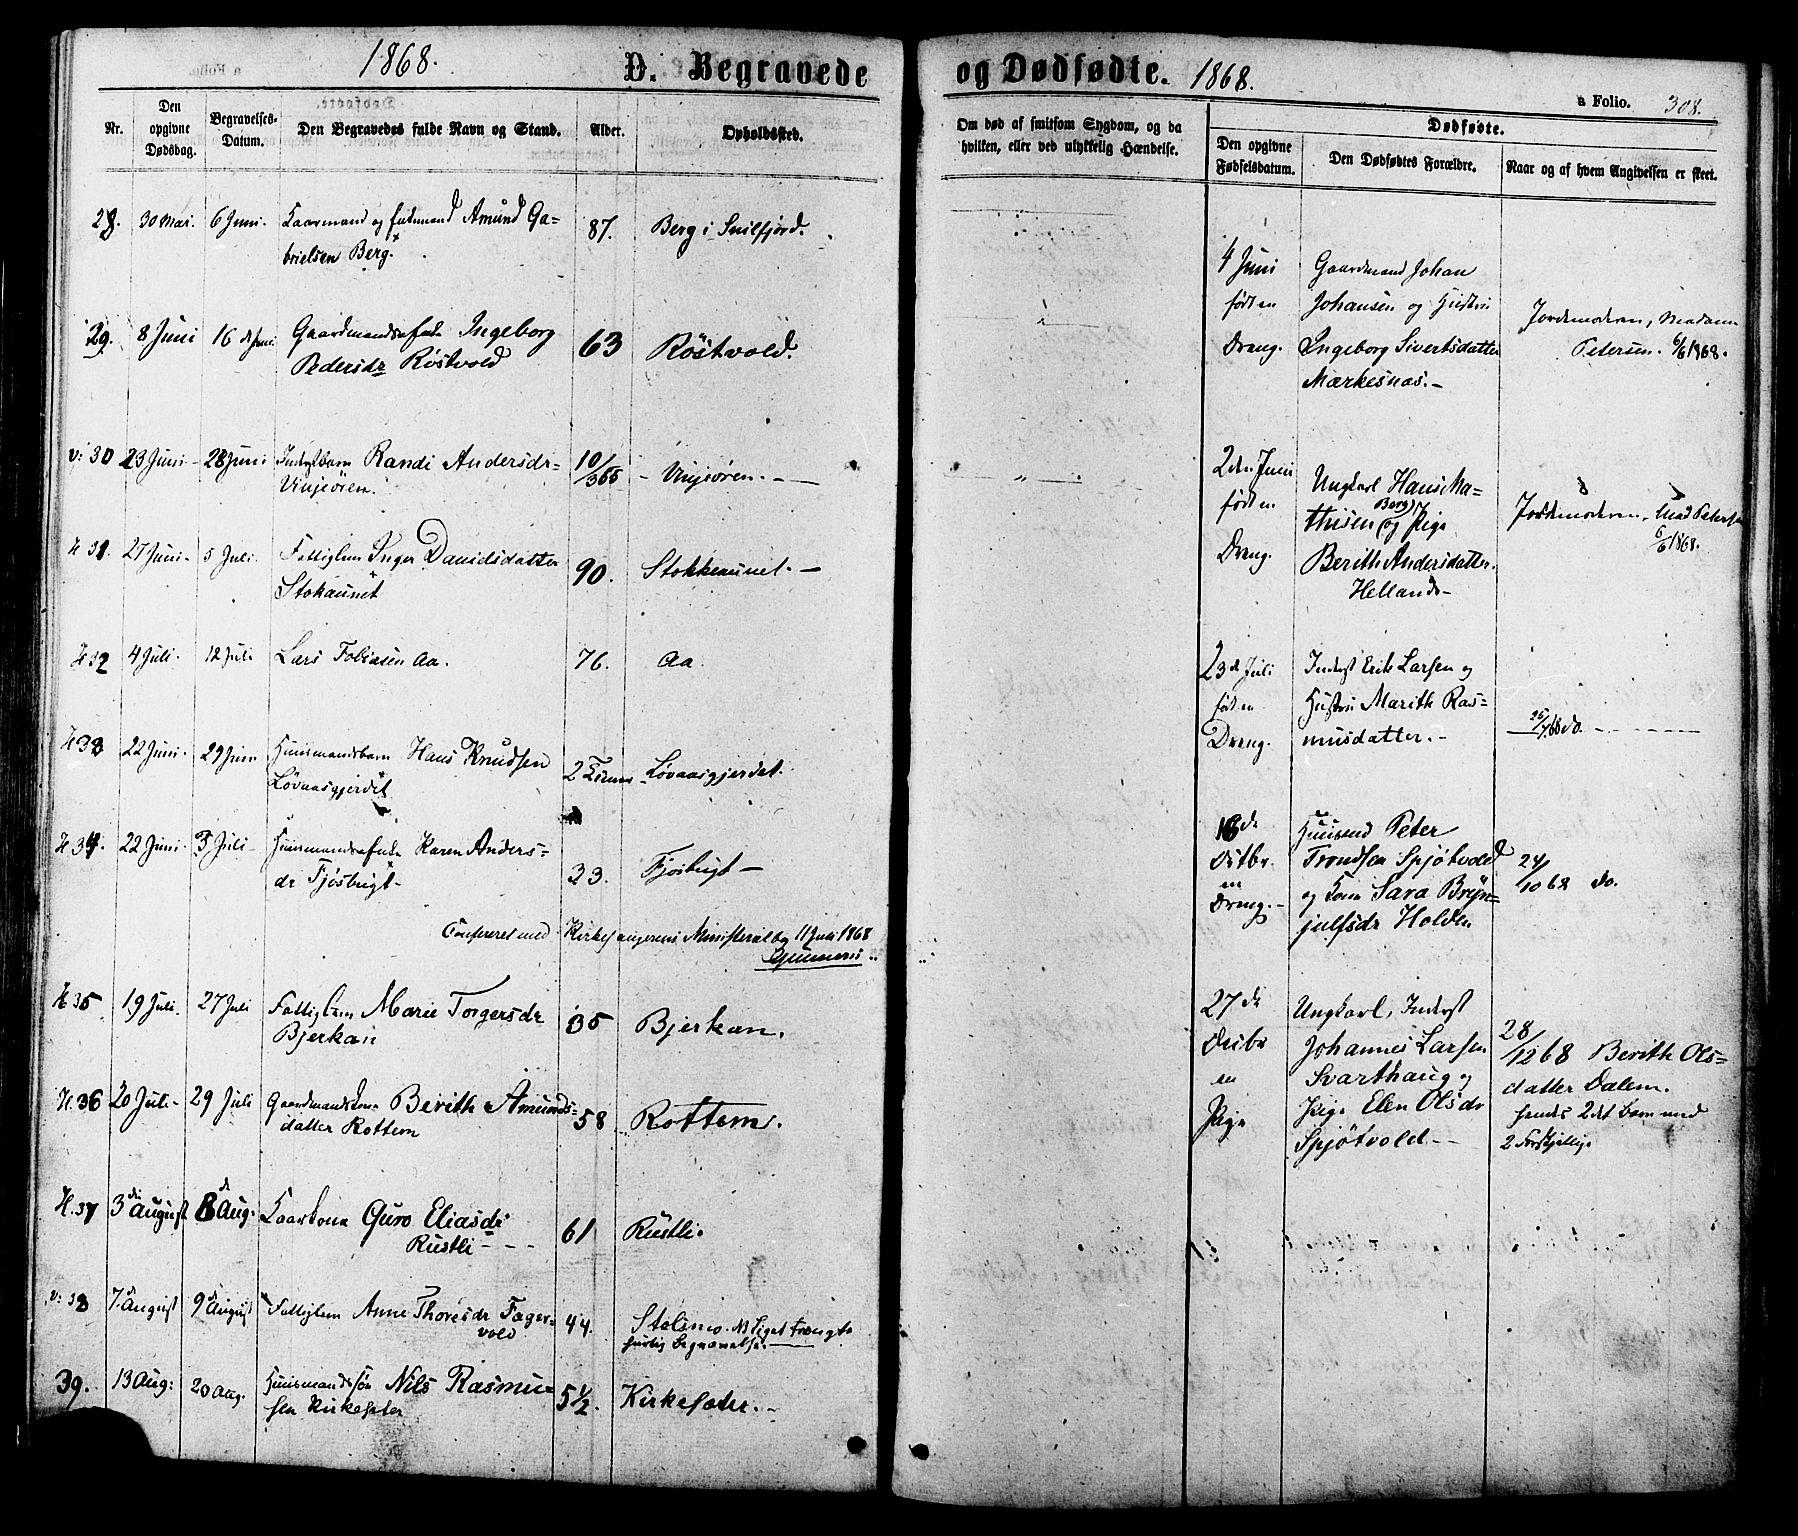 SAT, Ministerialprotokoller, klokkerbøker og fødselsregistre - Sør-Trøndelag, 630/L0495: Ministerialbok nr. 630A08, 1868-1878, s. 308